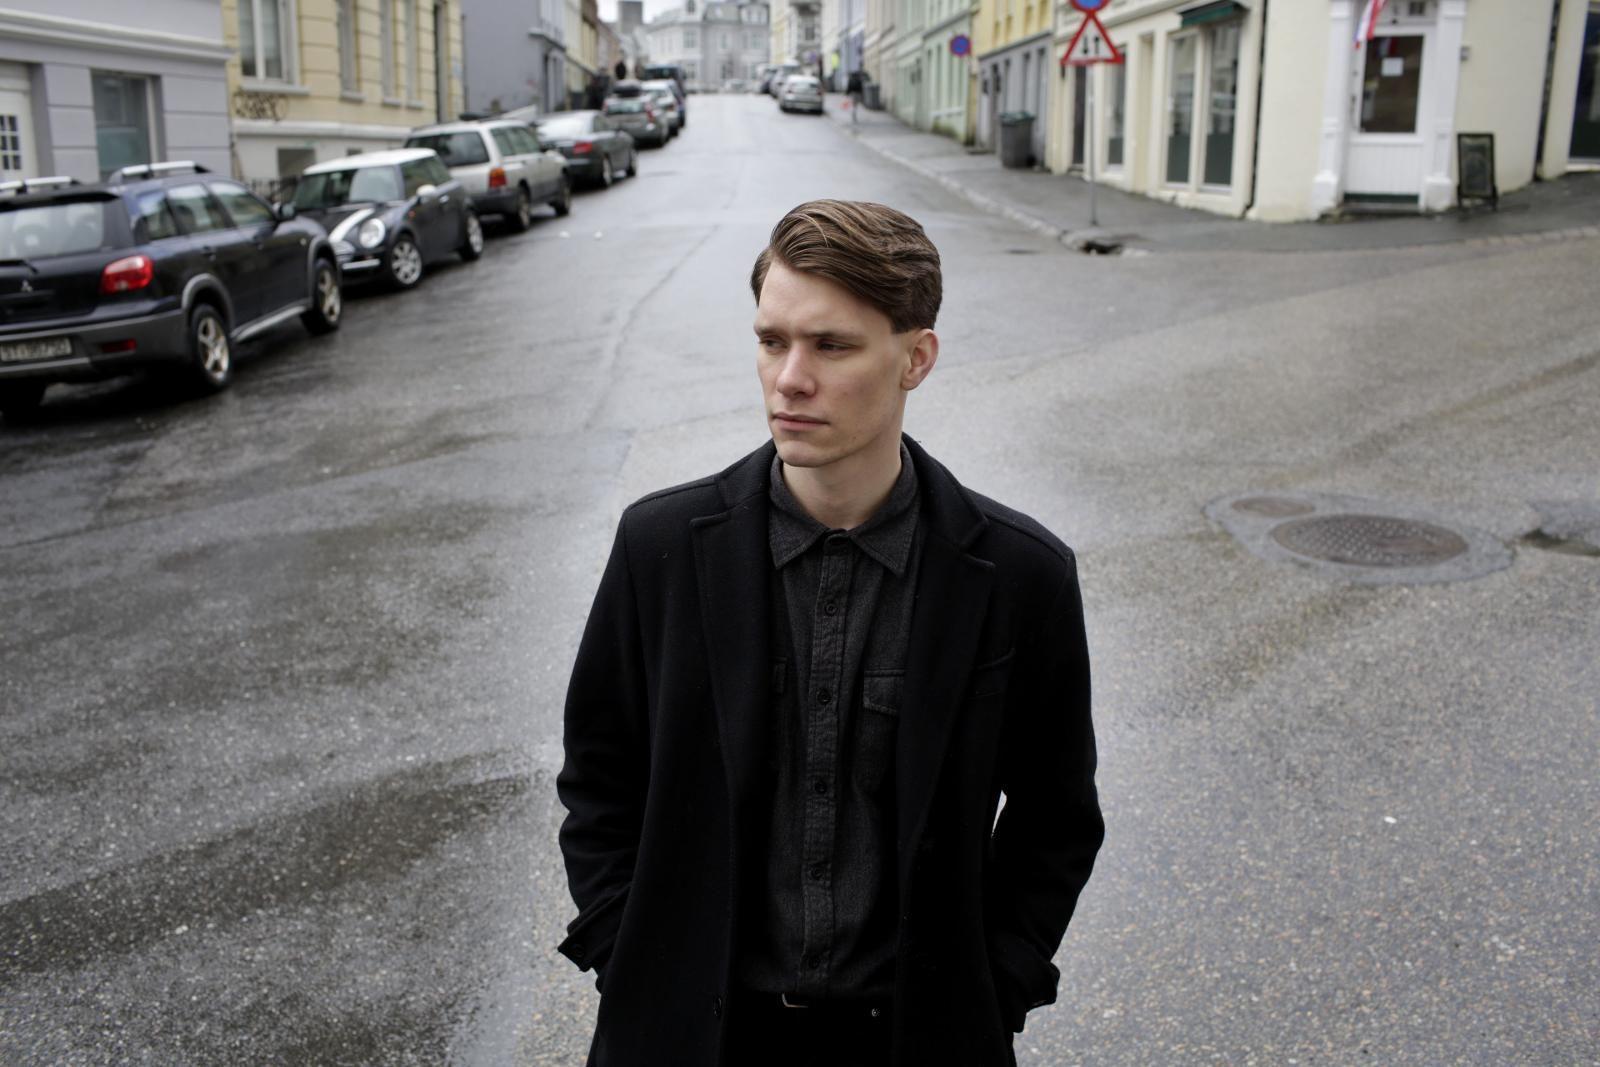 PÅ BYLARM: Tellef Raabe er sunnmøring, men artistkarrieren har fått fart etter at han kom til Bergen. Lørdag kveld spilte han på Bylarm i Oslo.